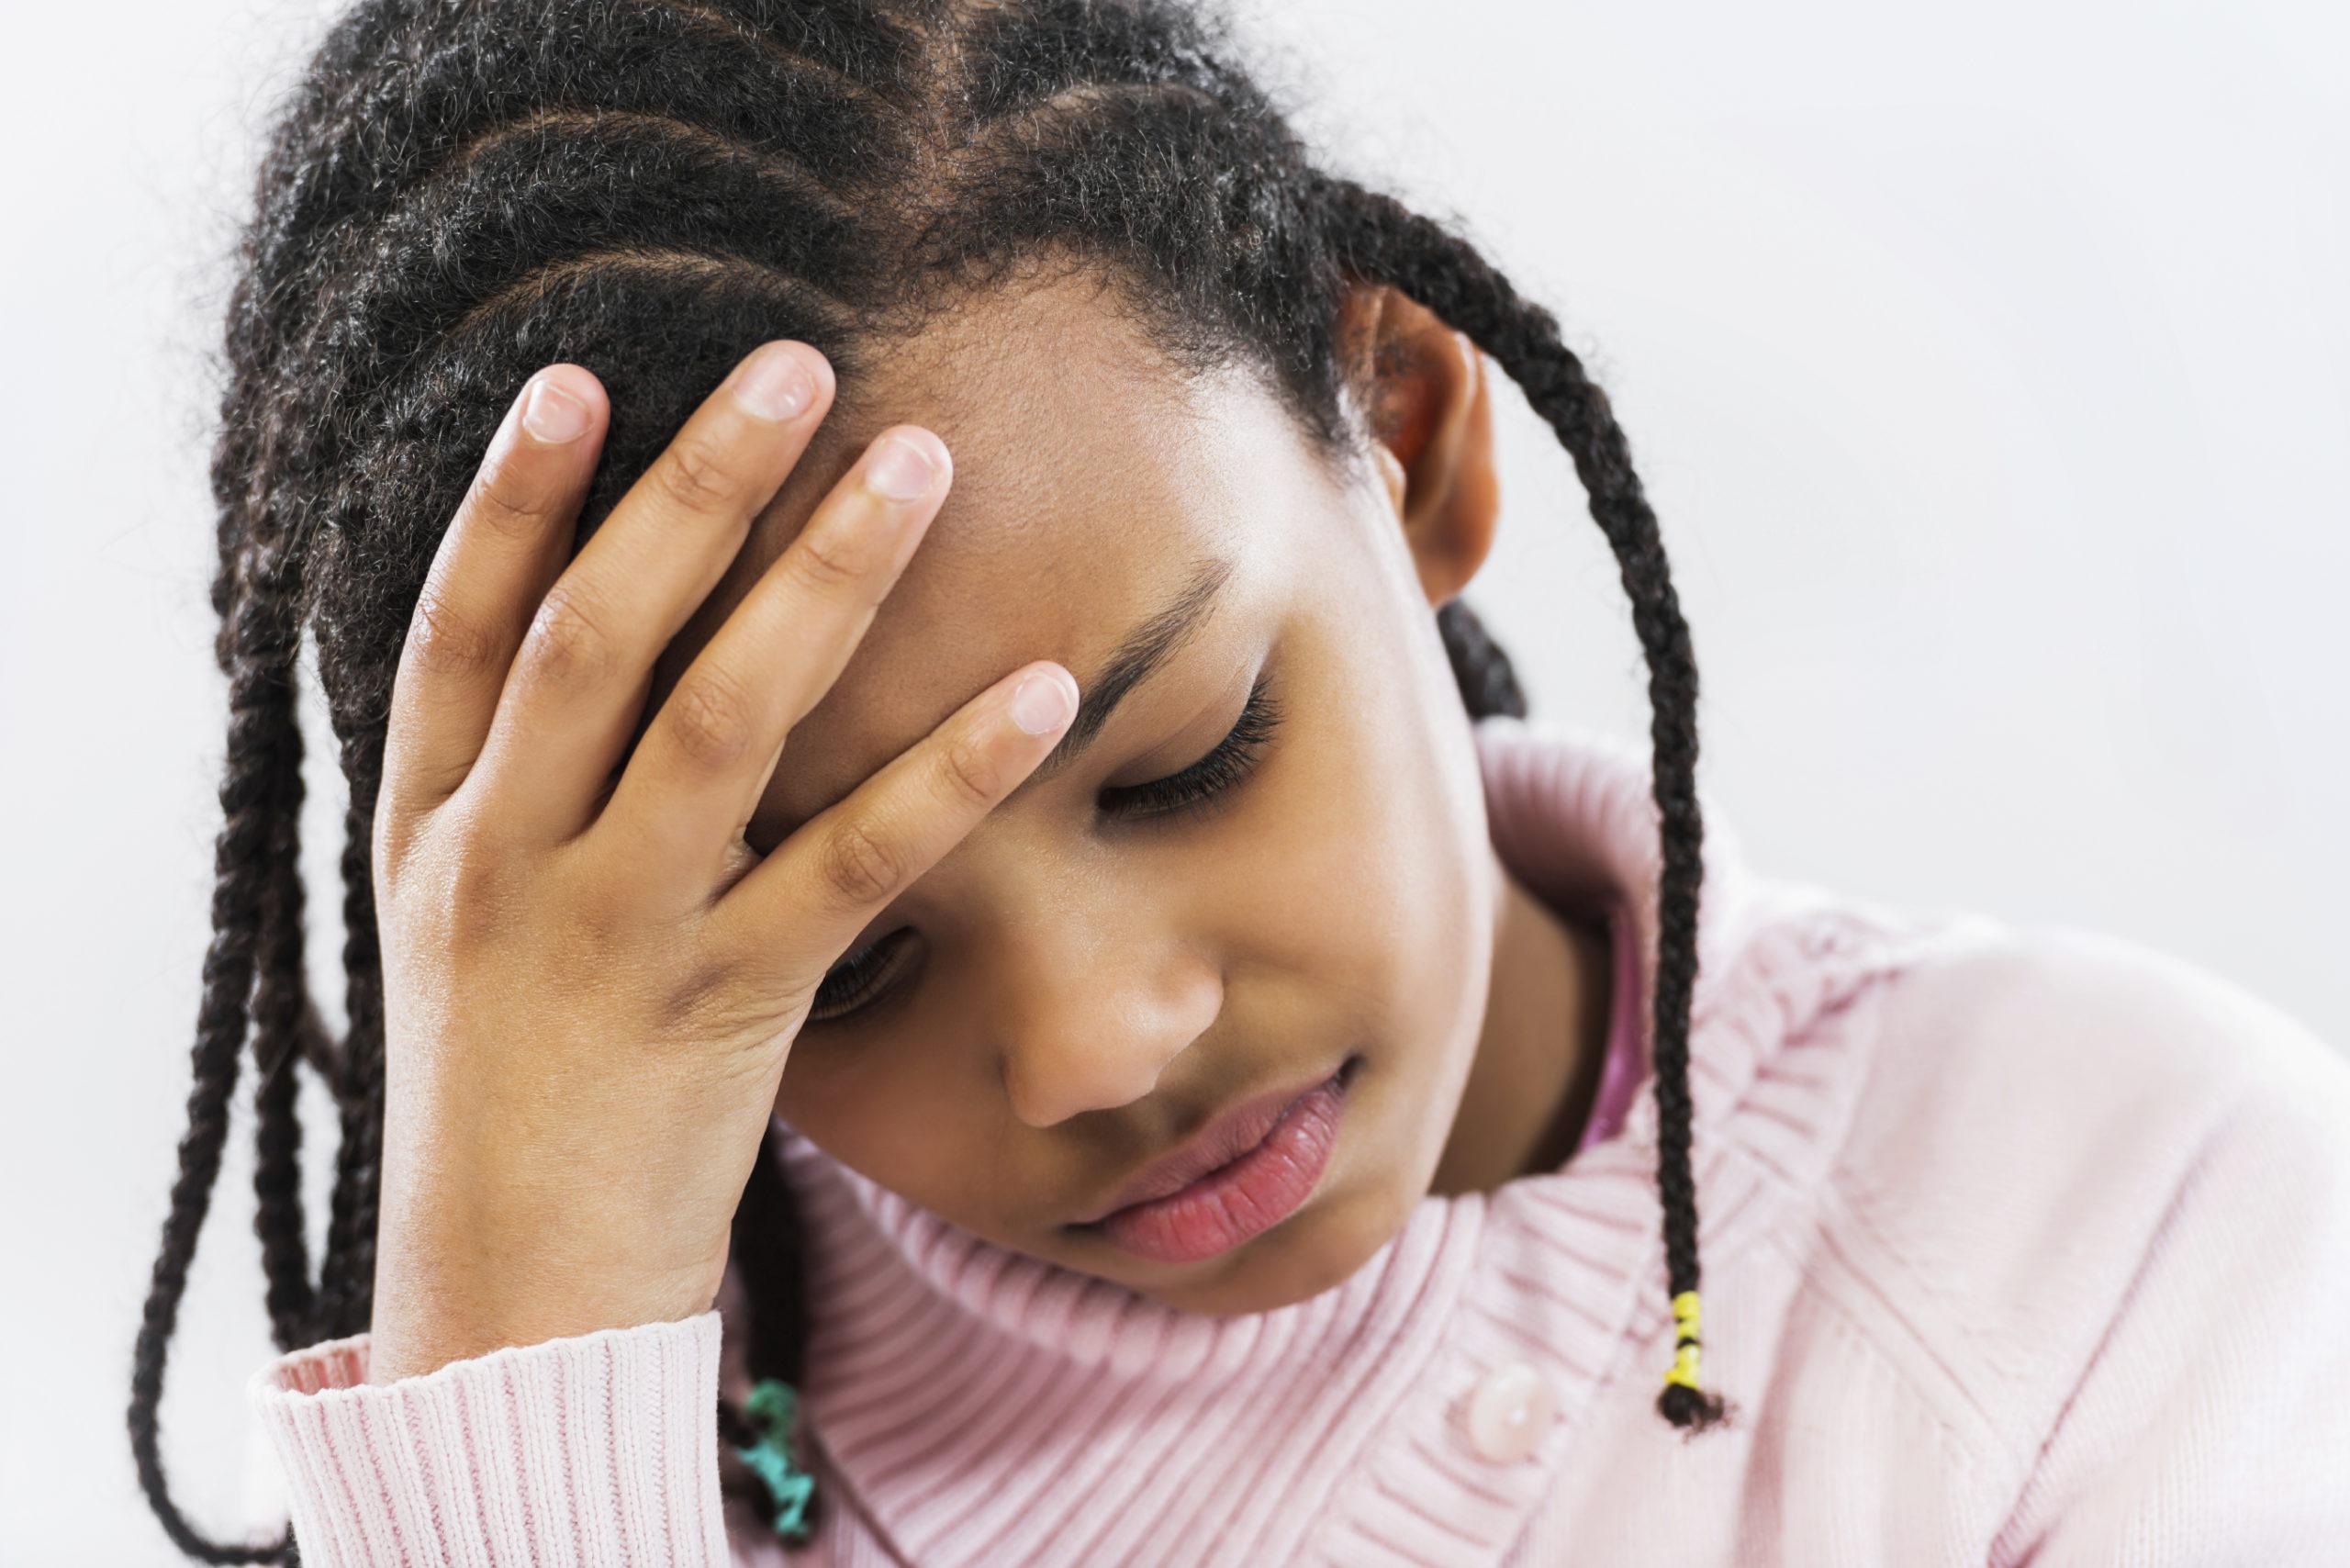 children also suffer from headaches